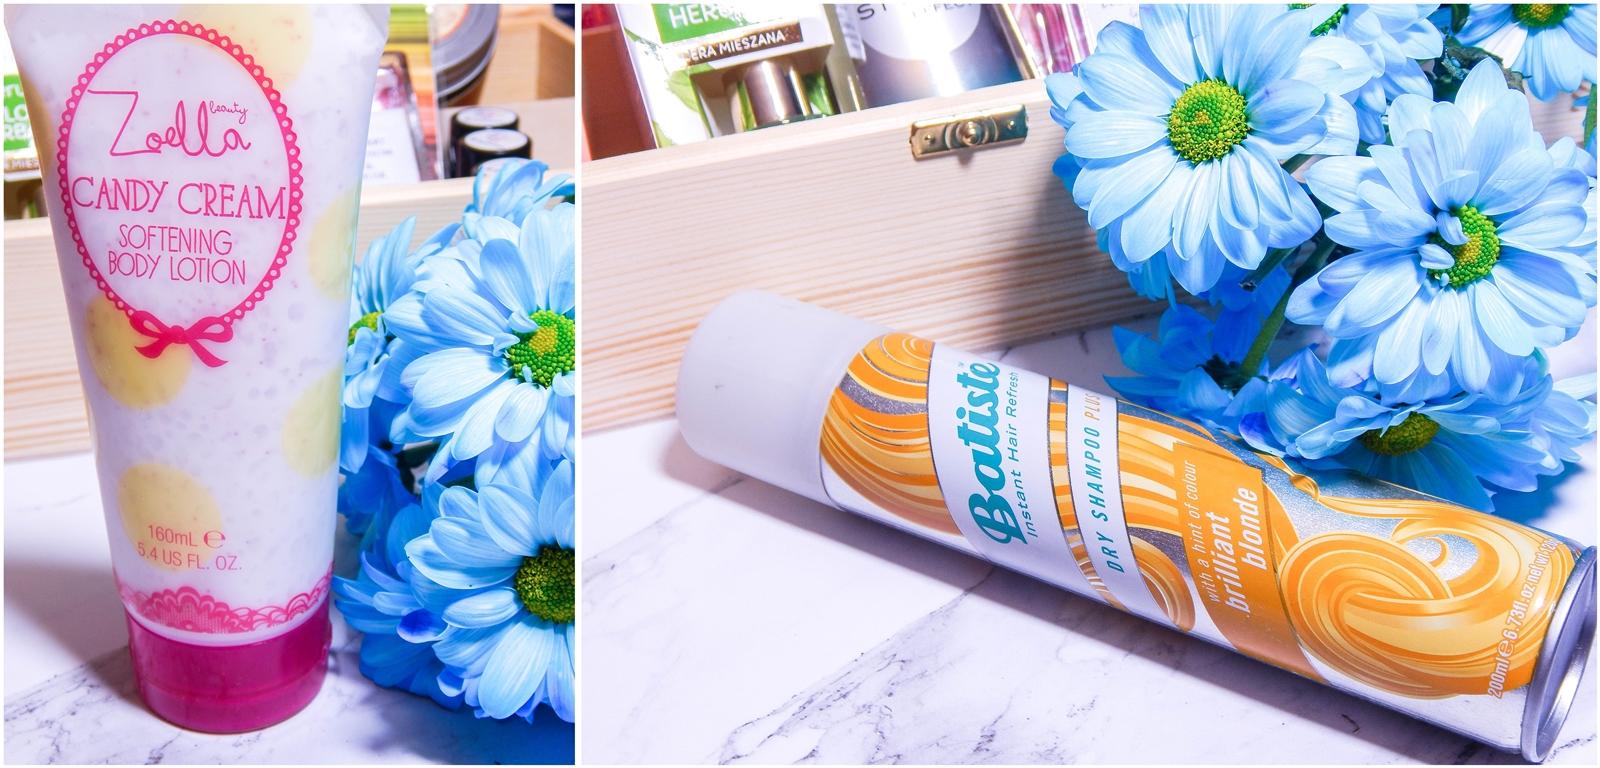 4 zoella body lotion polska batiste dla blondynek szampon suchy jakosc opinie